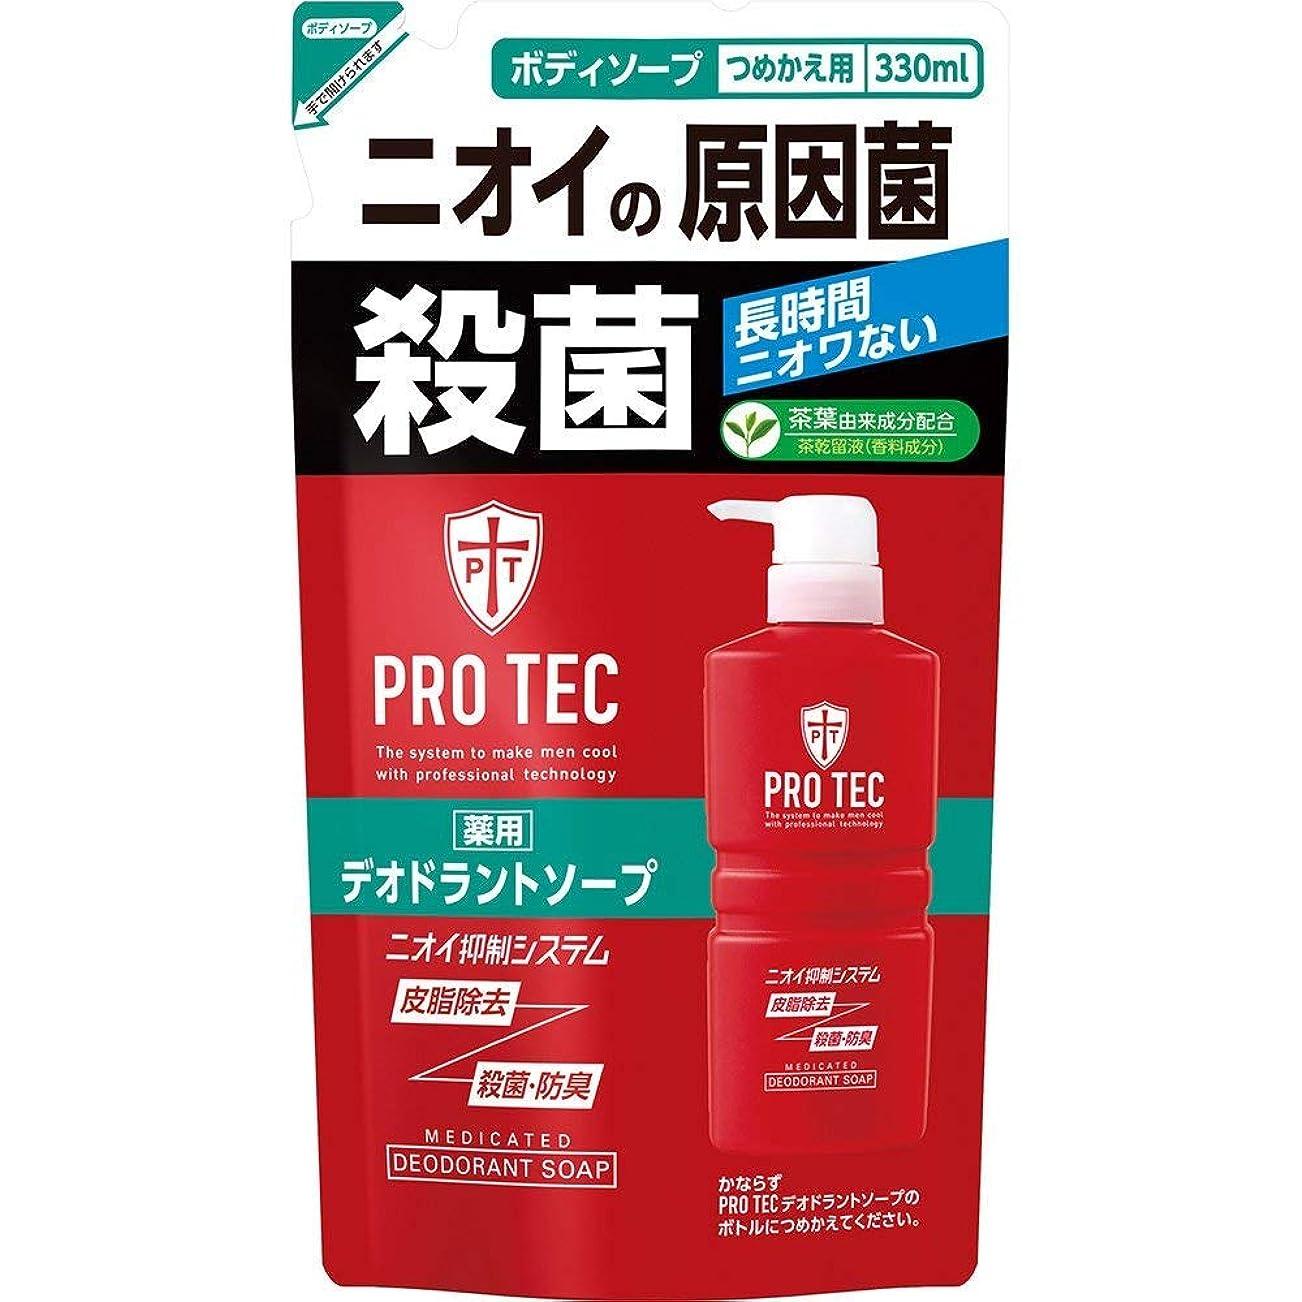 小説びっくりする補体PRO TEC デオドラントソープ つめかえ用 330ml ×2セット